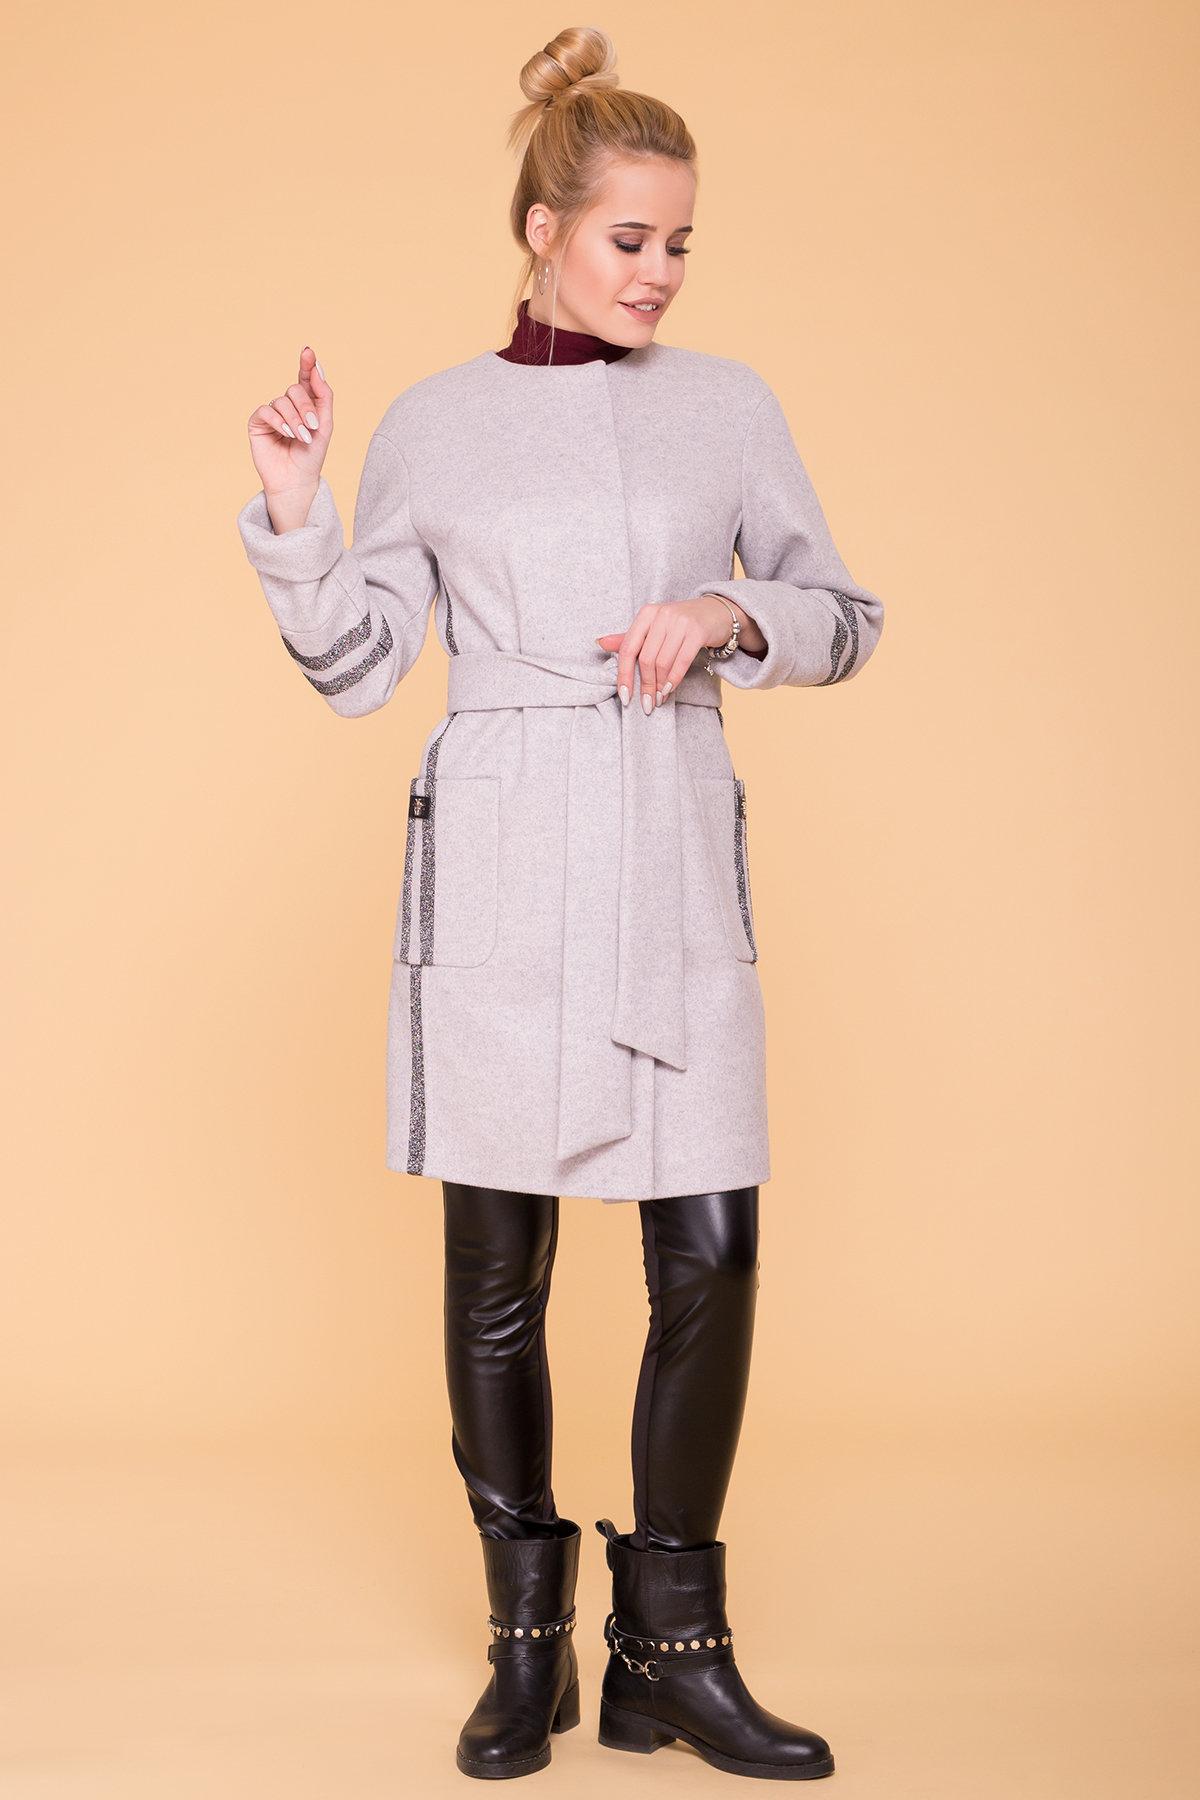 Купить демисезонное пальто от ТМ Modus Пальто Приоритет лайт 6307